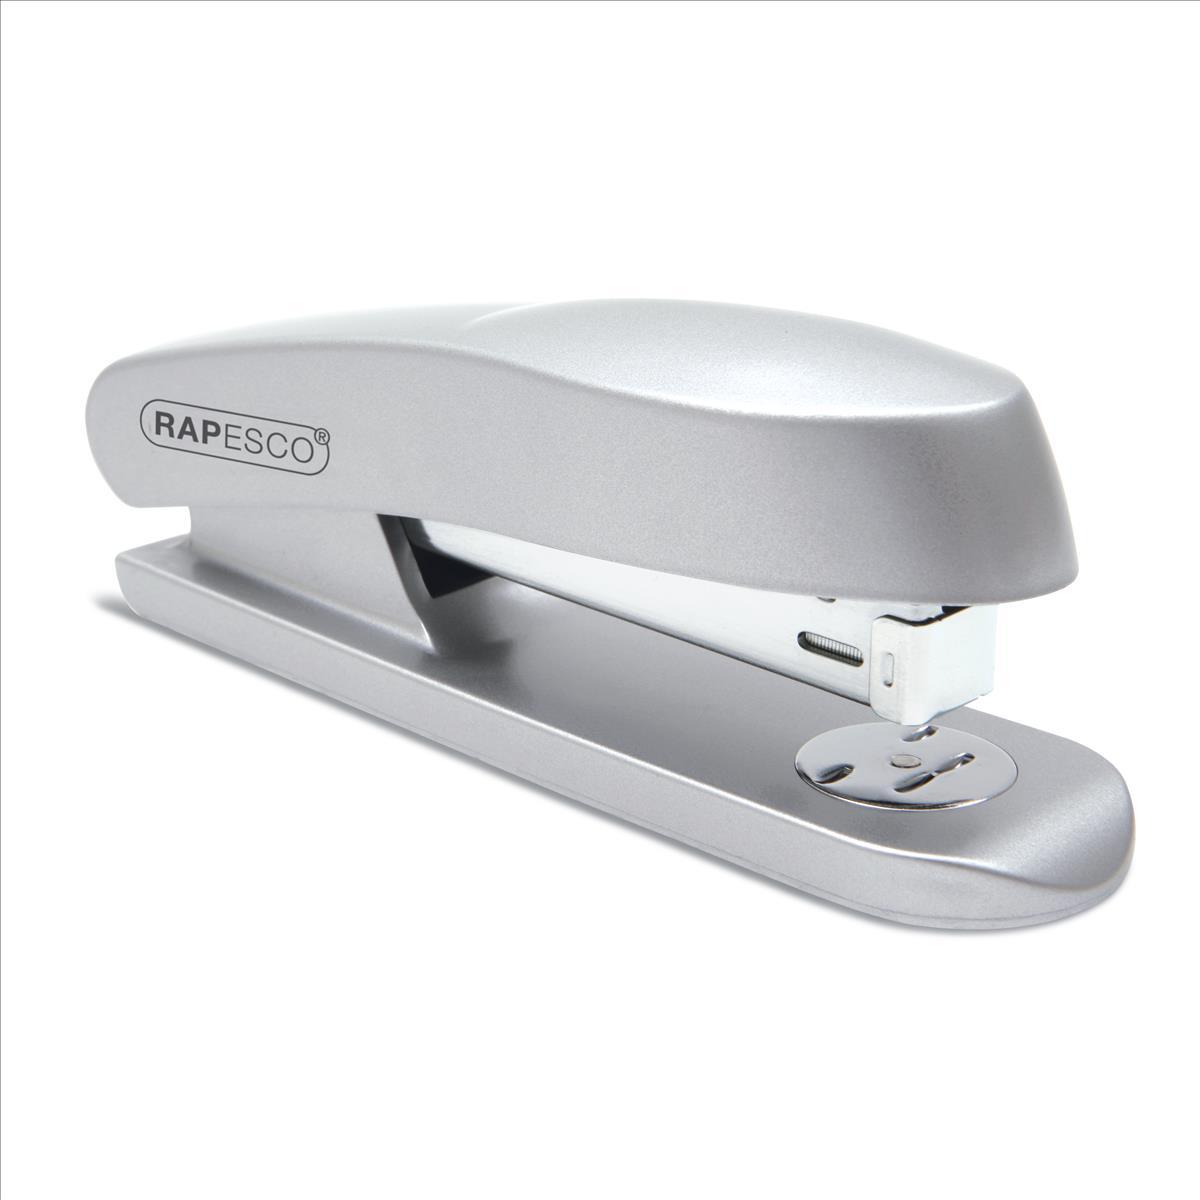 Image for Rapesco Skippa Stapler Full Strip Chrome Ref RES260C1